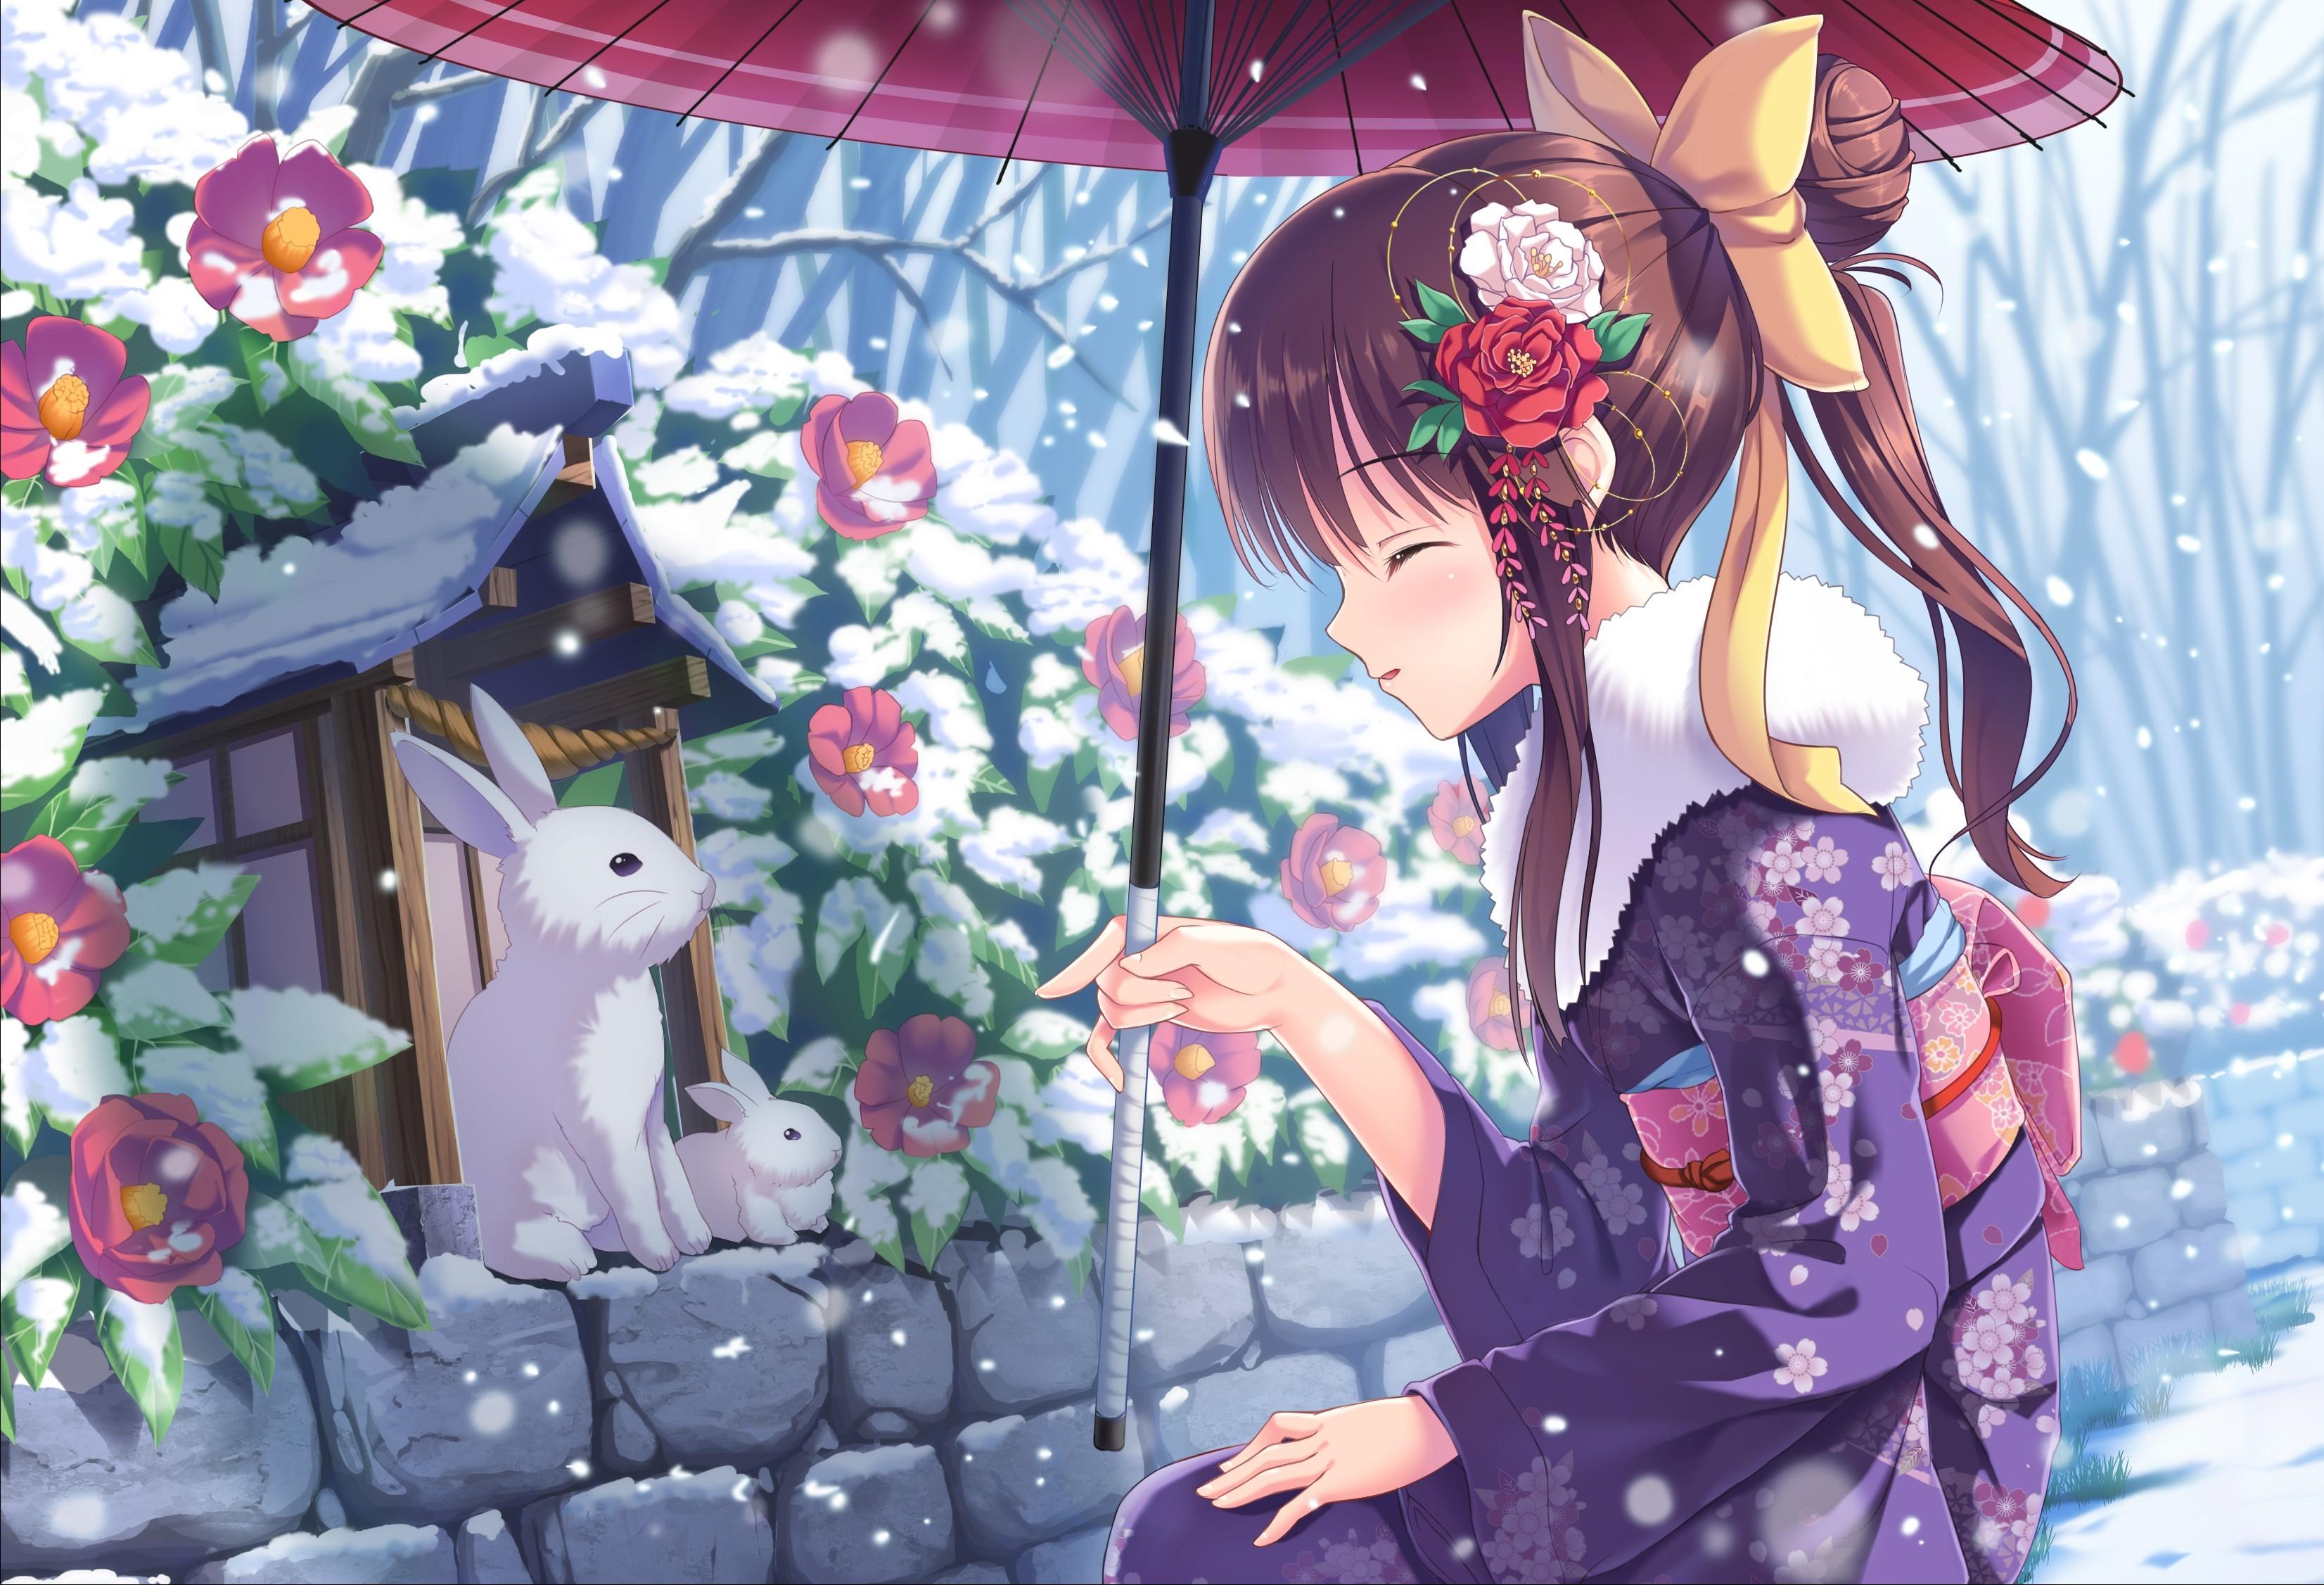 wallpaper anime, girl, hot, winter, rabbits, snow, 4k, art #16659